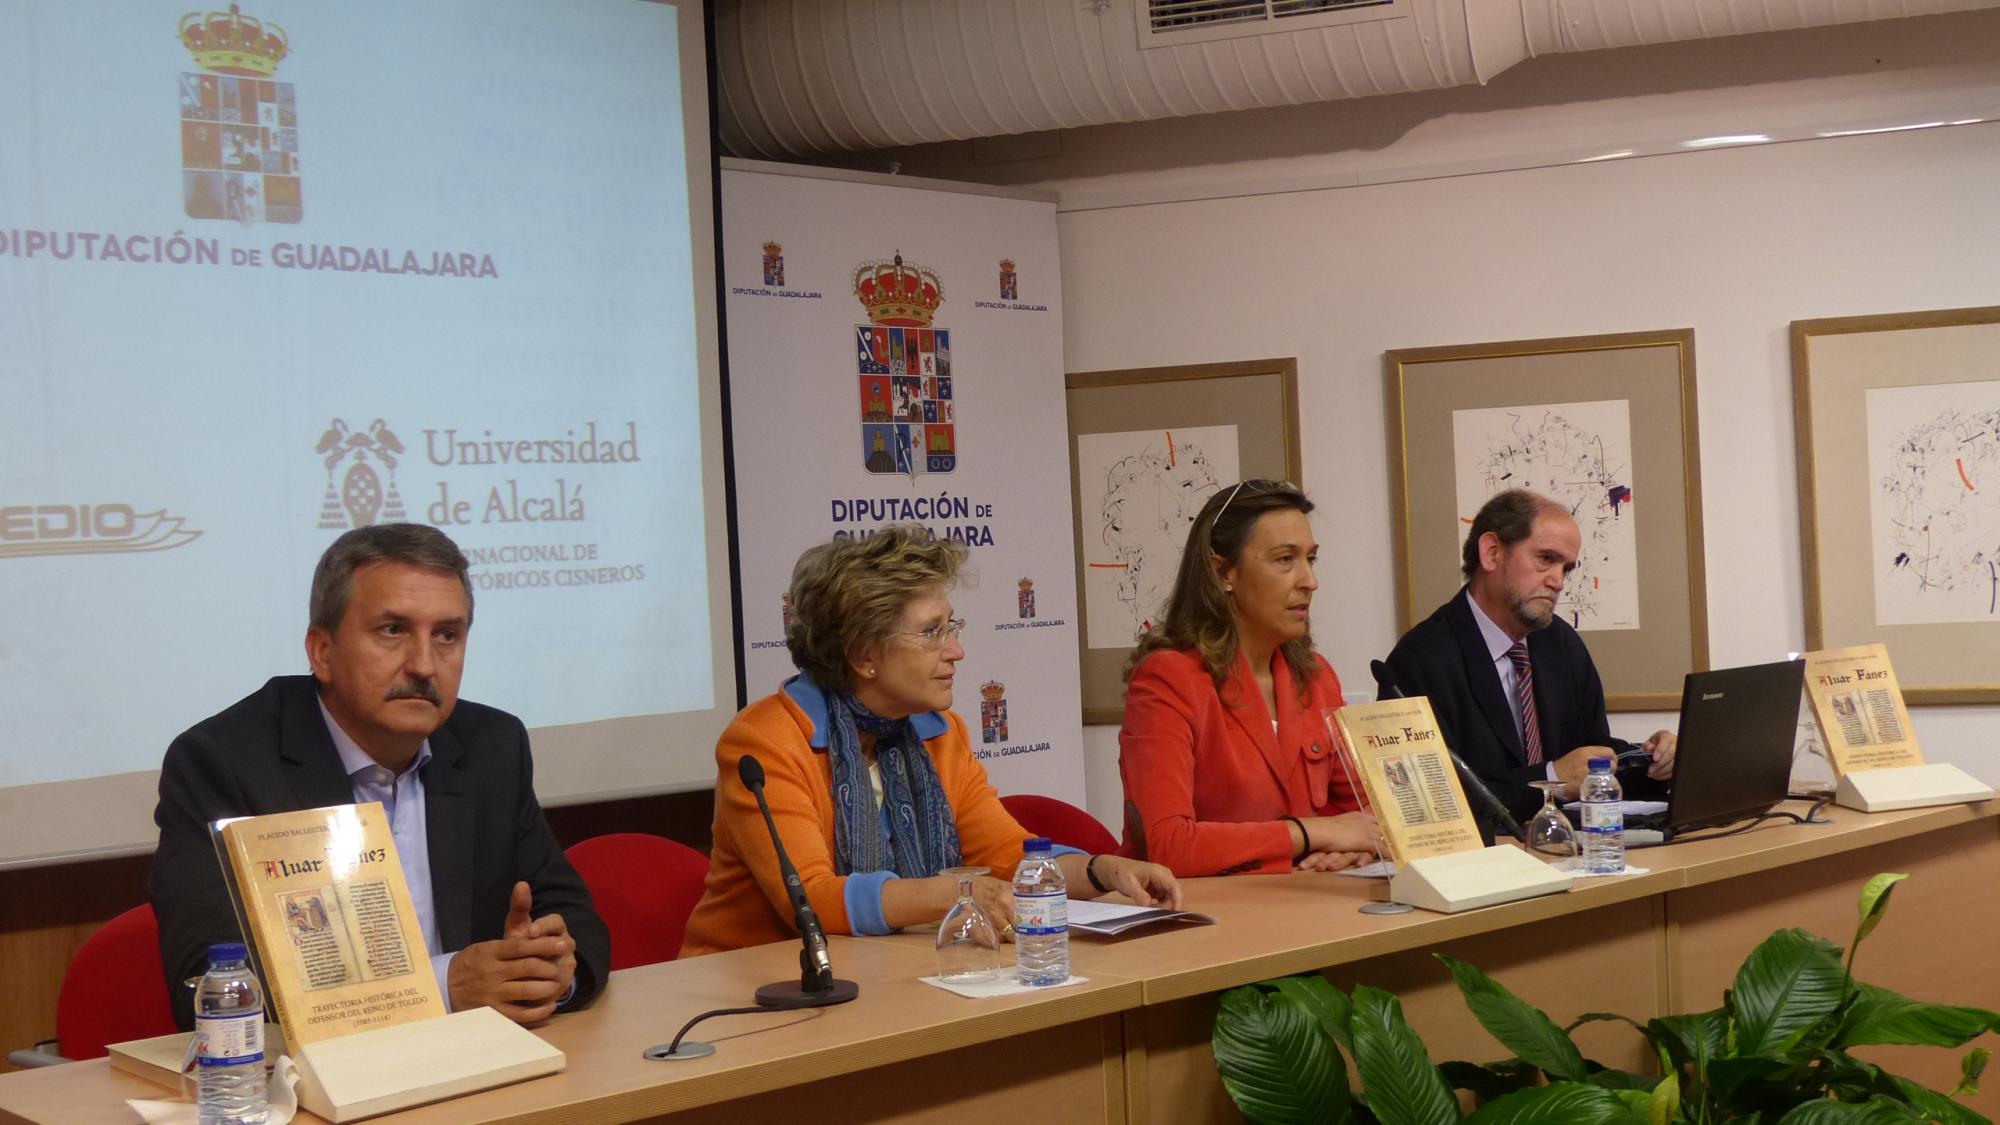 La presidenta de la Diputación asiste a la presentación del libro sobre Alvar Fáñez, de Plácido Ballesteros